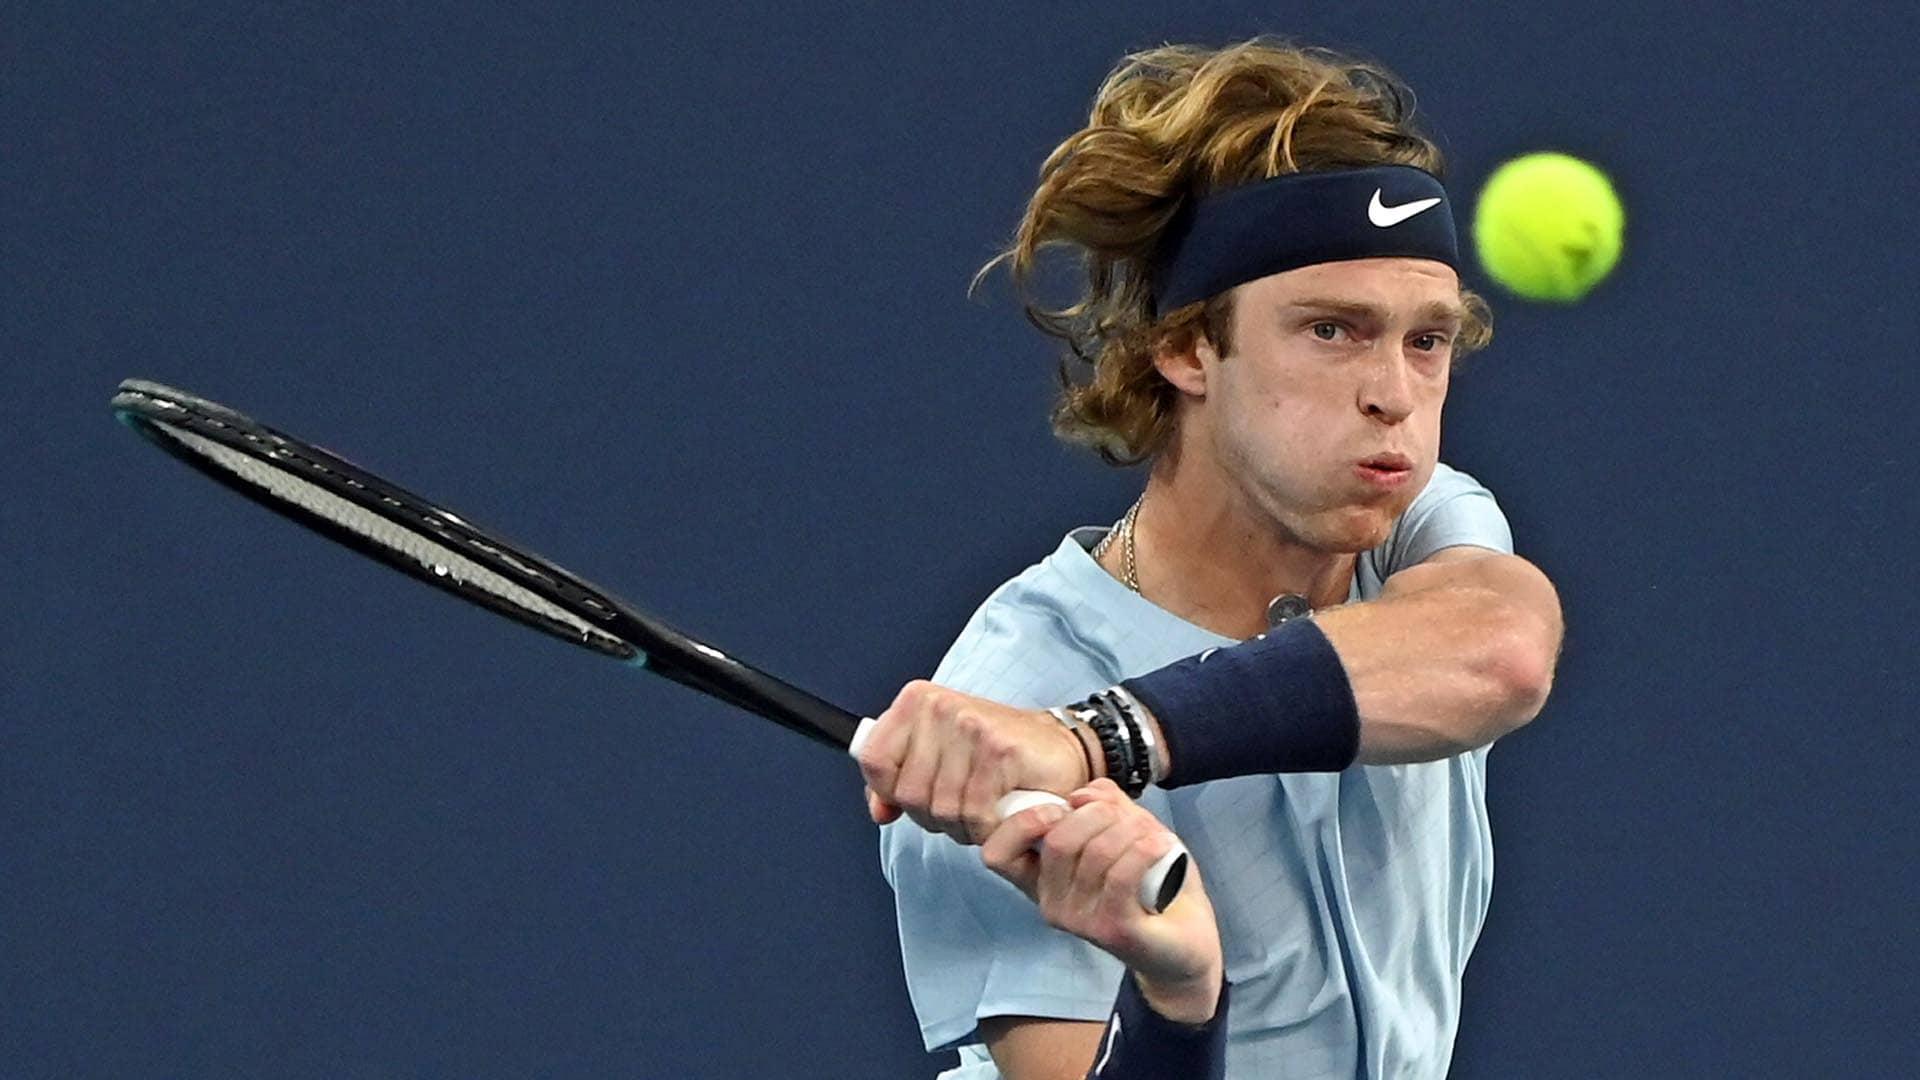 Miami Open 2021: Andrey Rublev vs. Marton Fucsovics Tennis Pick and Prediction